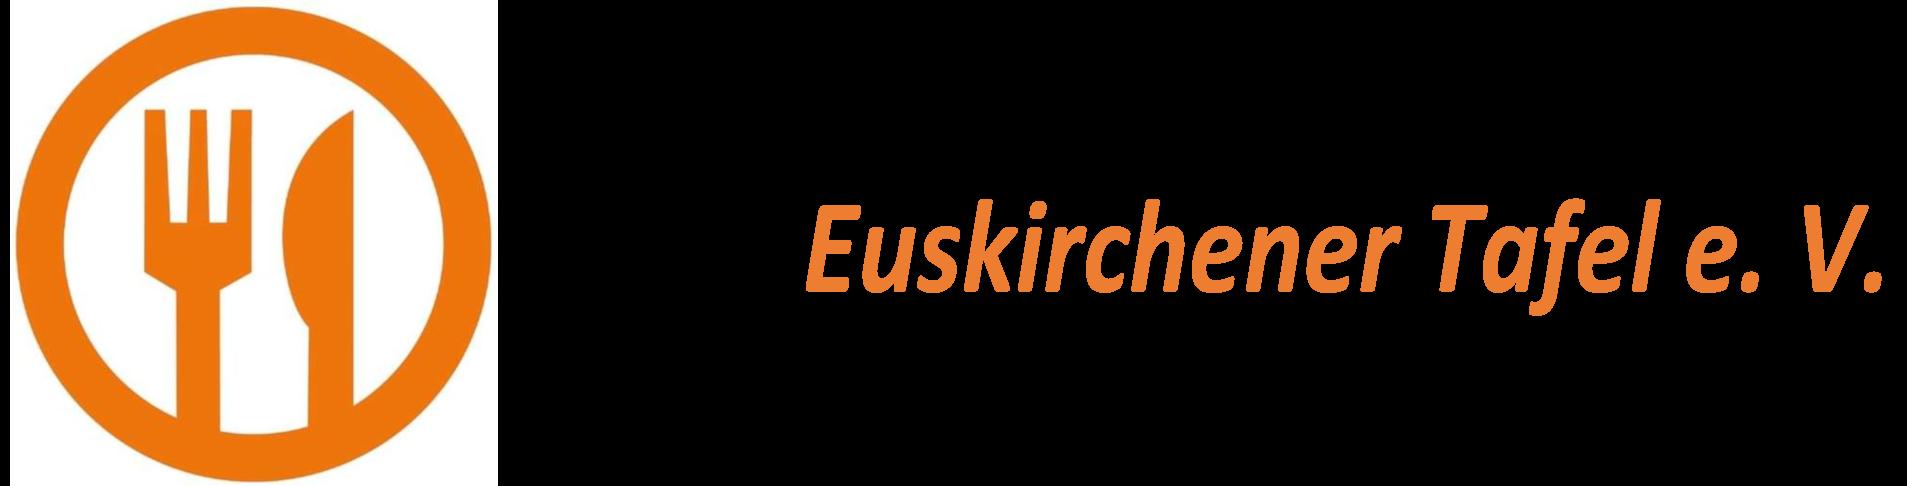 Euskirchener Tafel e.V.